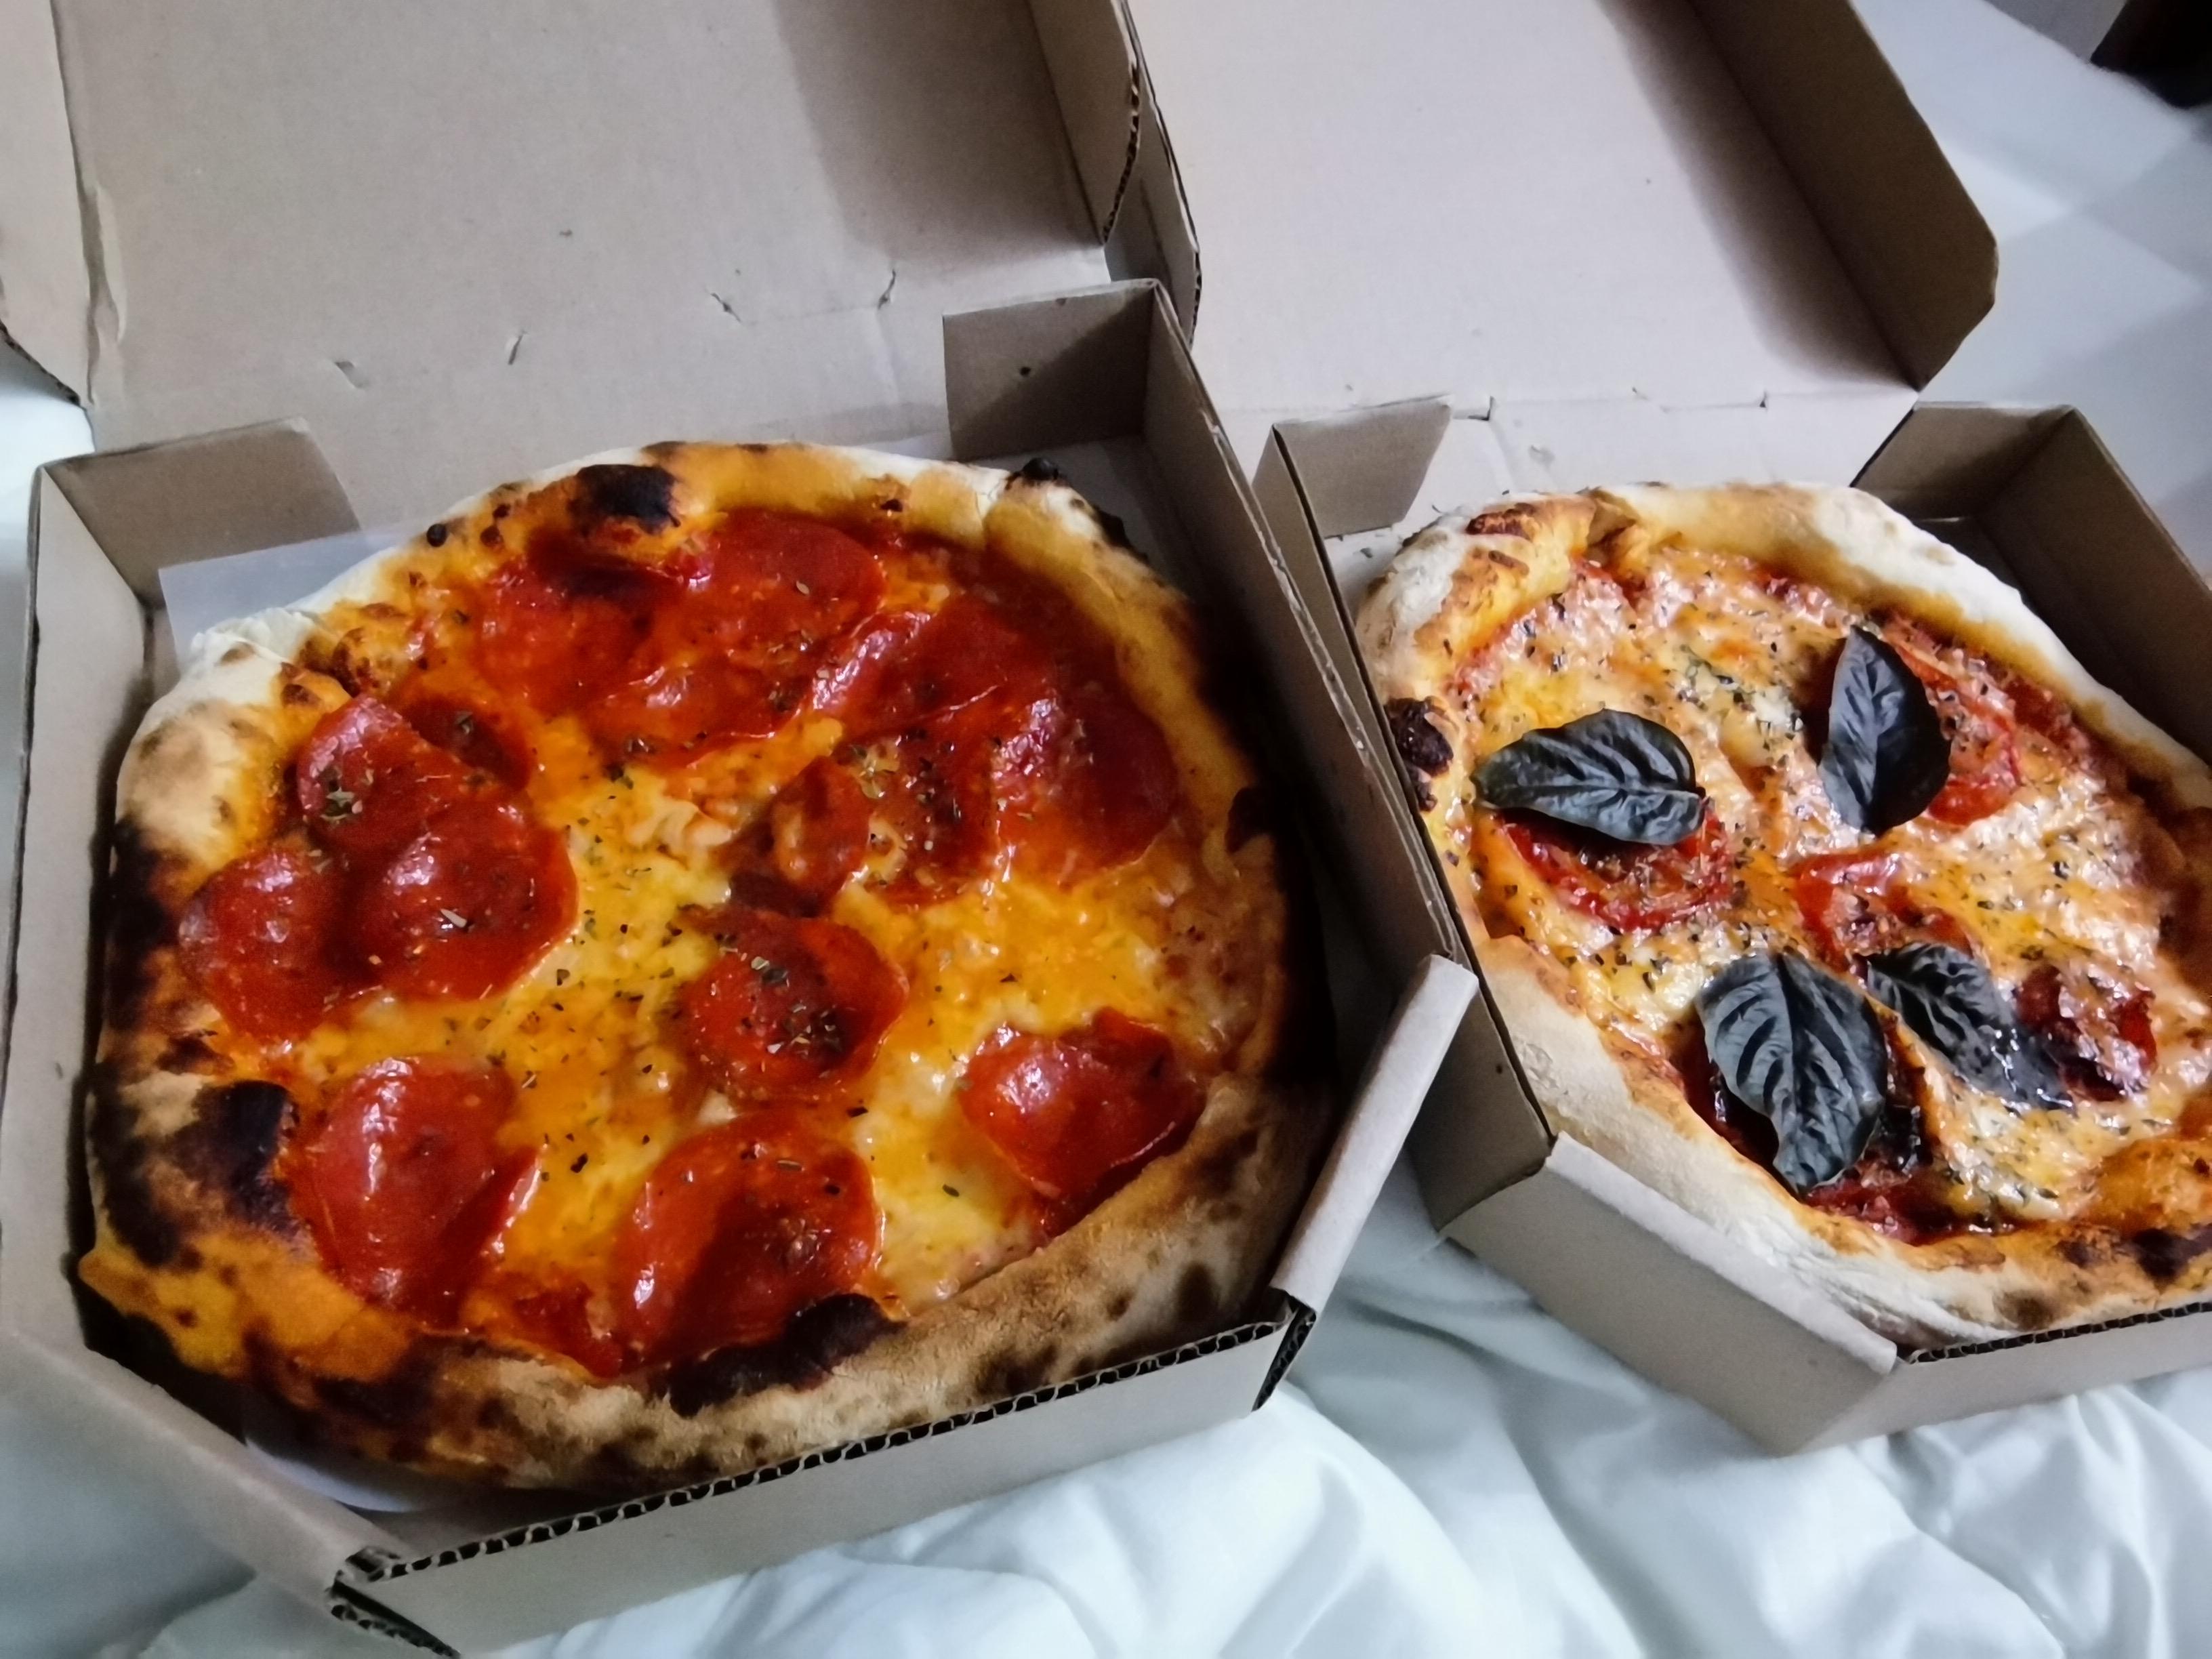 Román pizza